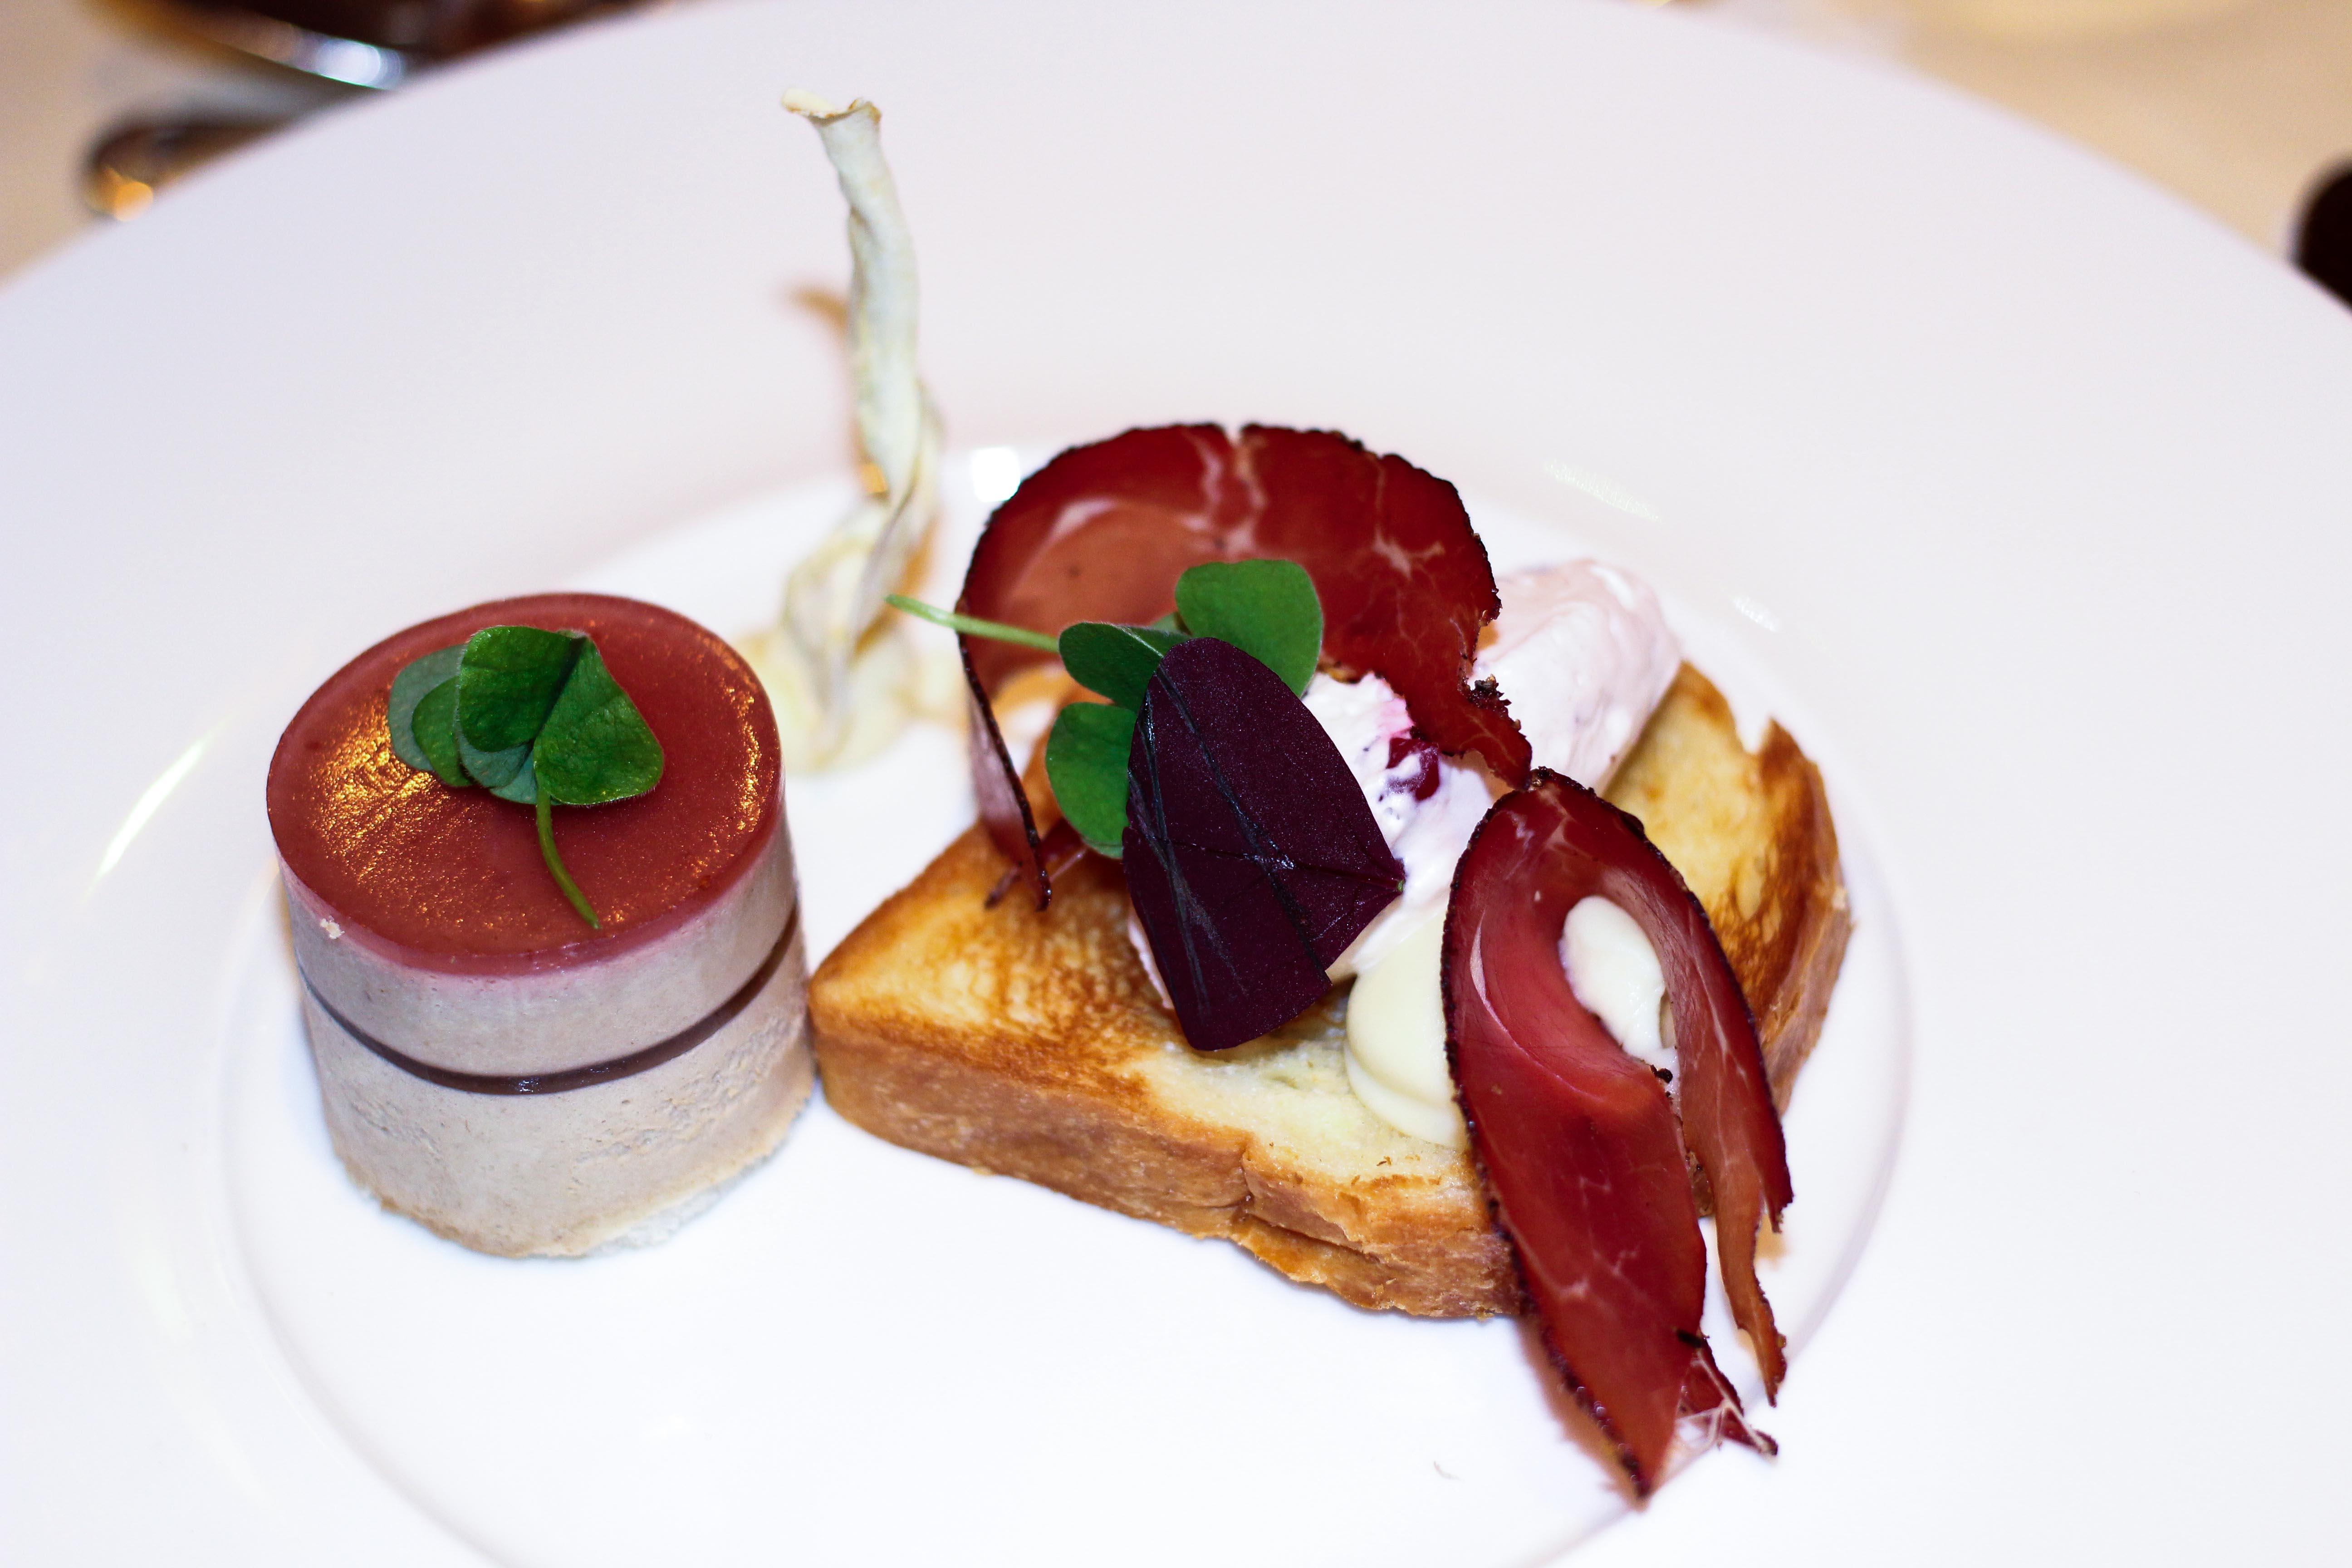 Gourmethotel Sölden 5 Gänge Dinner Rind Schinken Vorspeise Das Central Sölden Luxushotel Sölden Tirol Österreich Winterurlaub Reiseblog